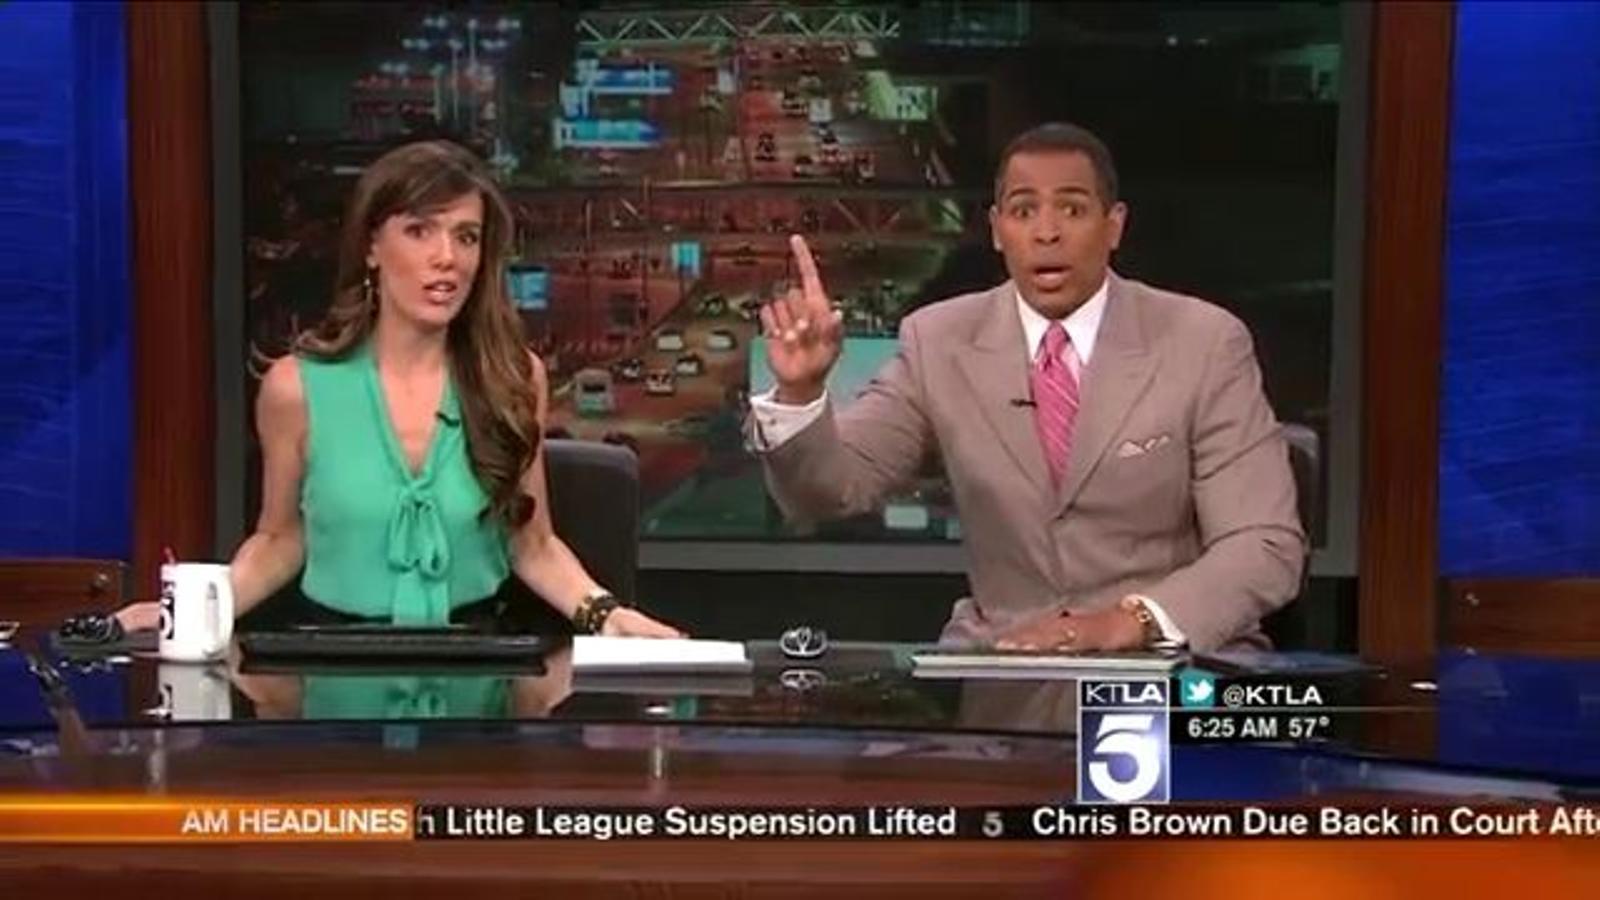 Un terratrèmol de 4,4 graus provoca un ensurt als presentadors d'un canal de notícies a Los Ángeles